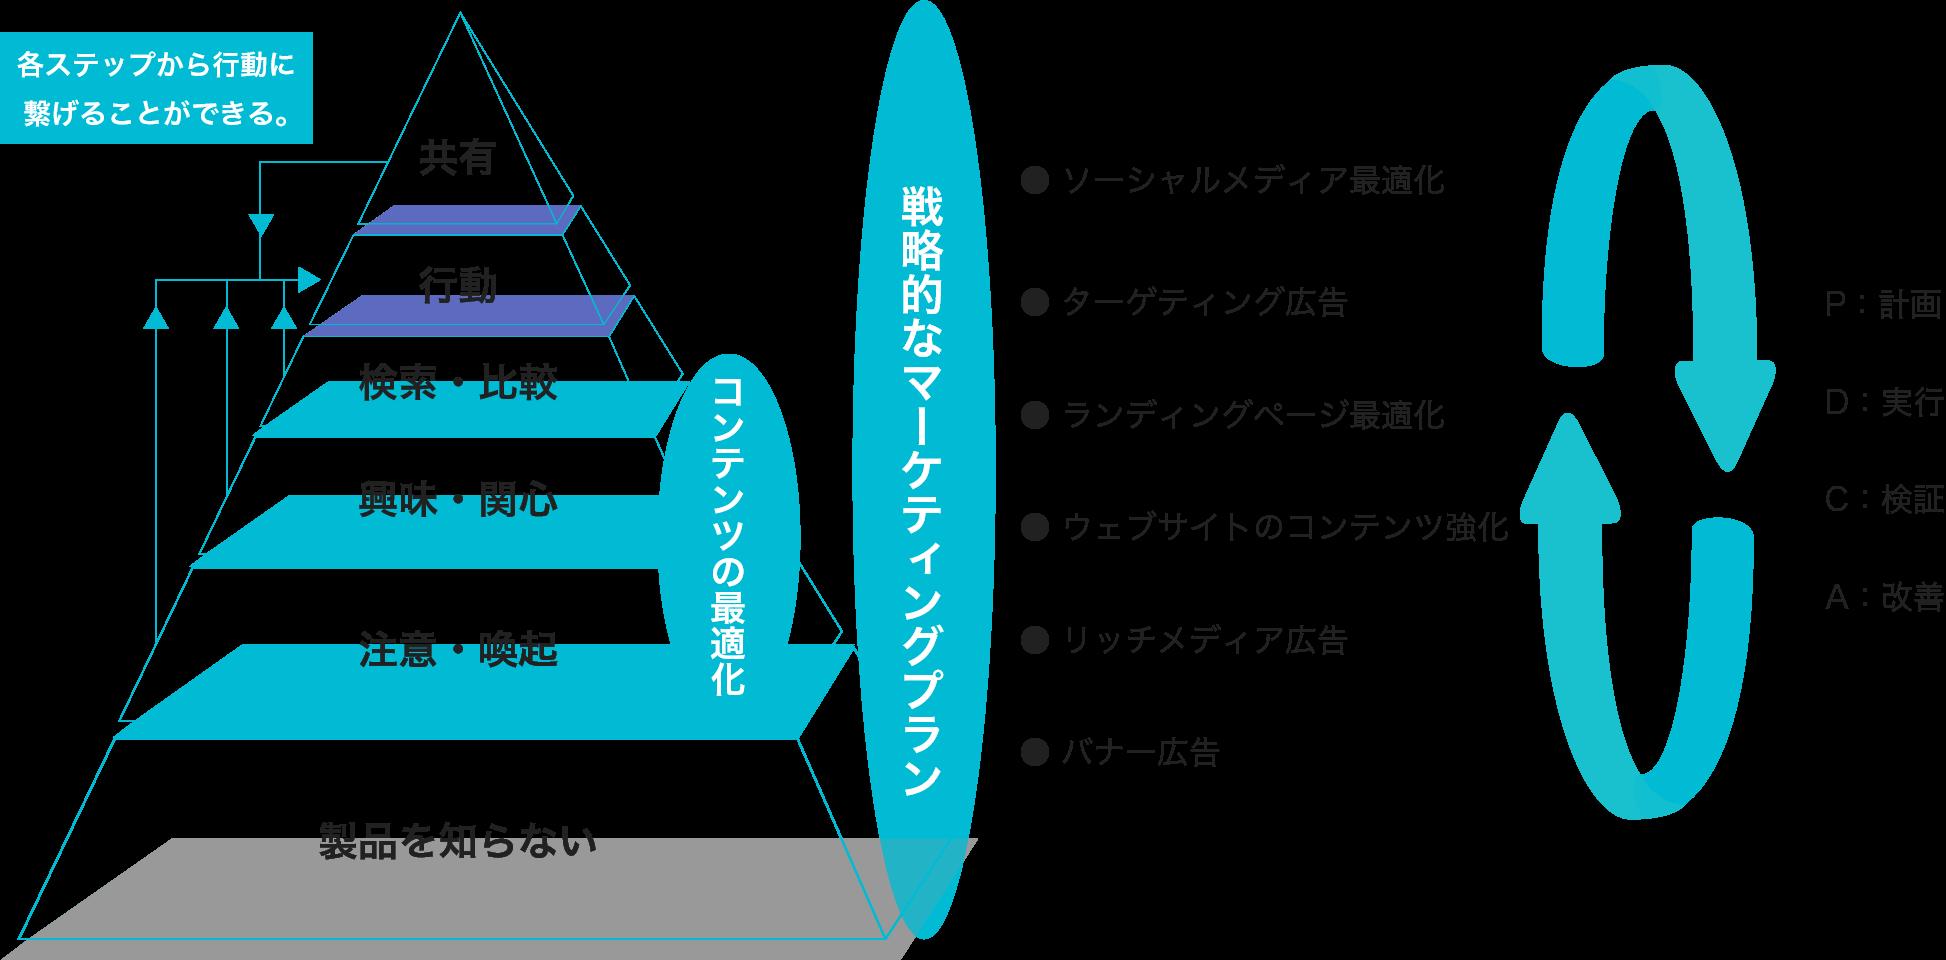 イメージ図:消費者行動に基づくプランニングとオペレーション